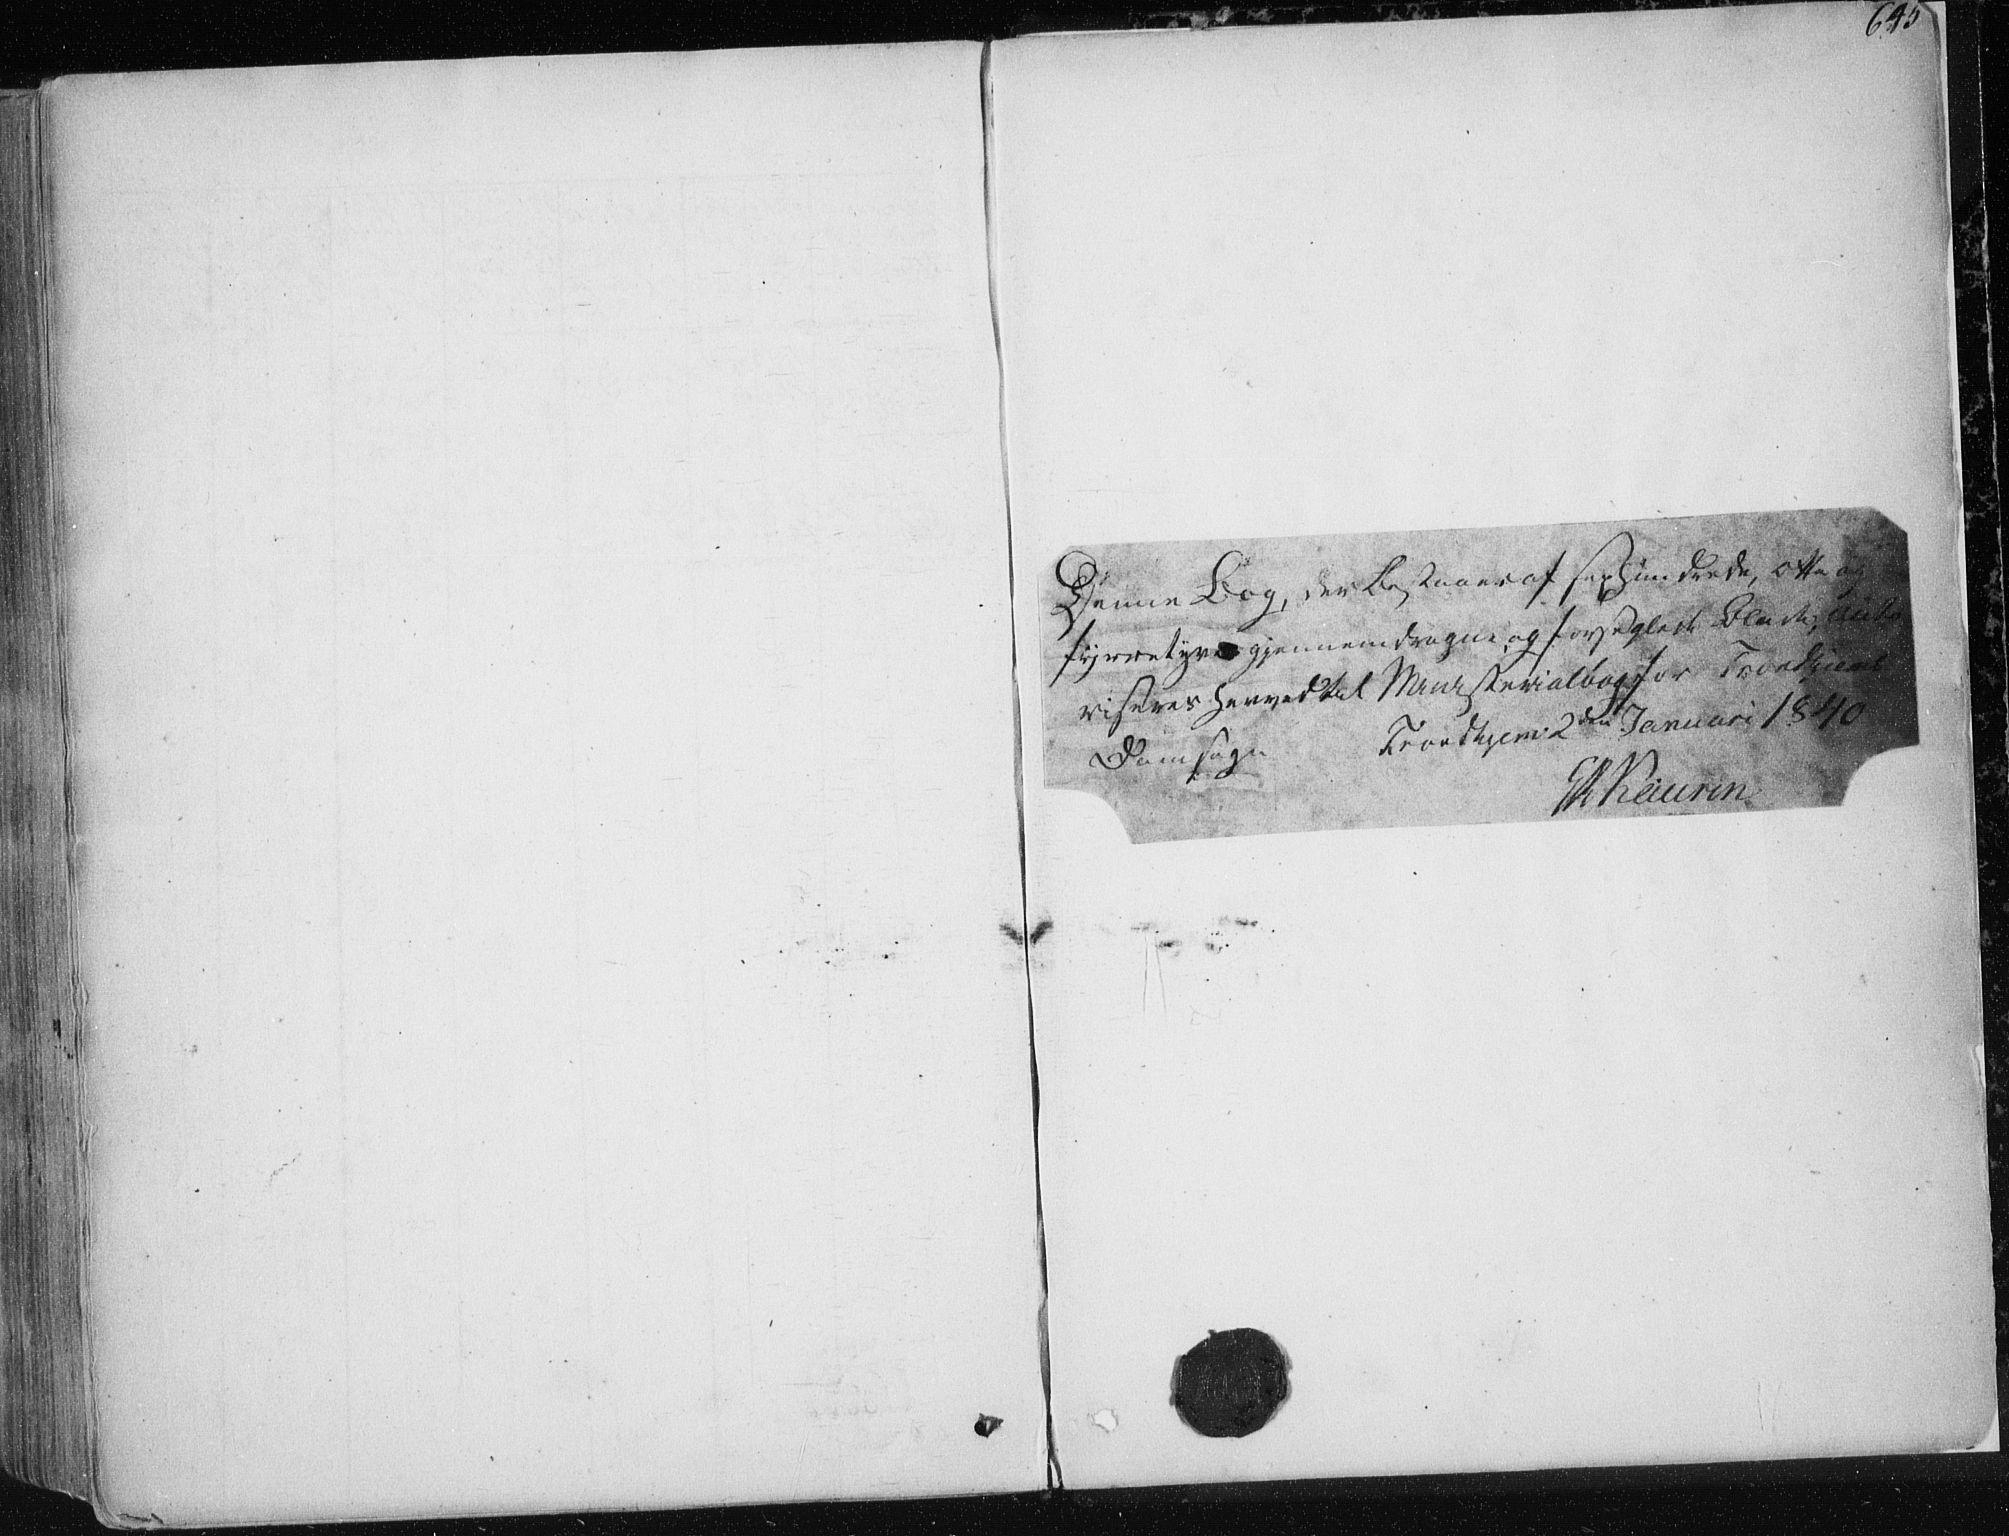 SAT, Ministerialprotokoller, klokkerbøker og fødselsregistre - Sør-Trøndelag, 601/L0049: Ministerialbok nr. 601A17, 1839-1847, s. 645